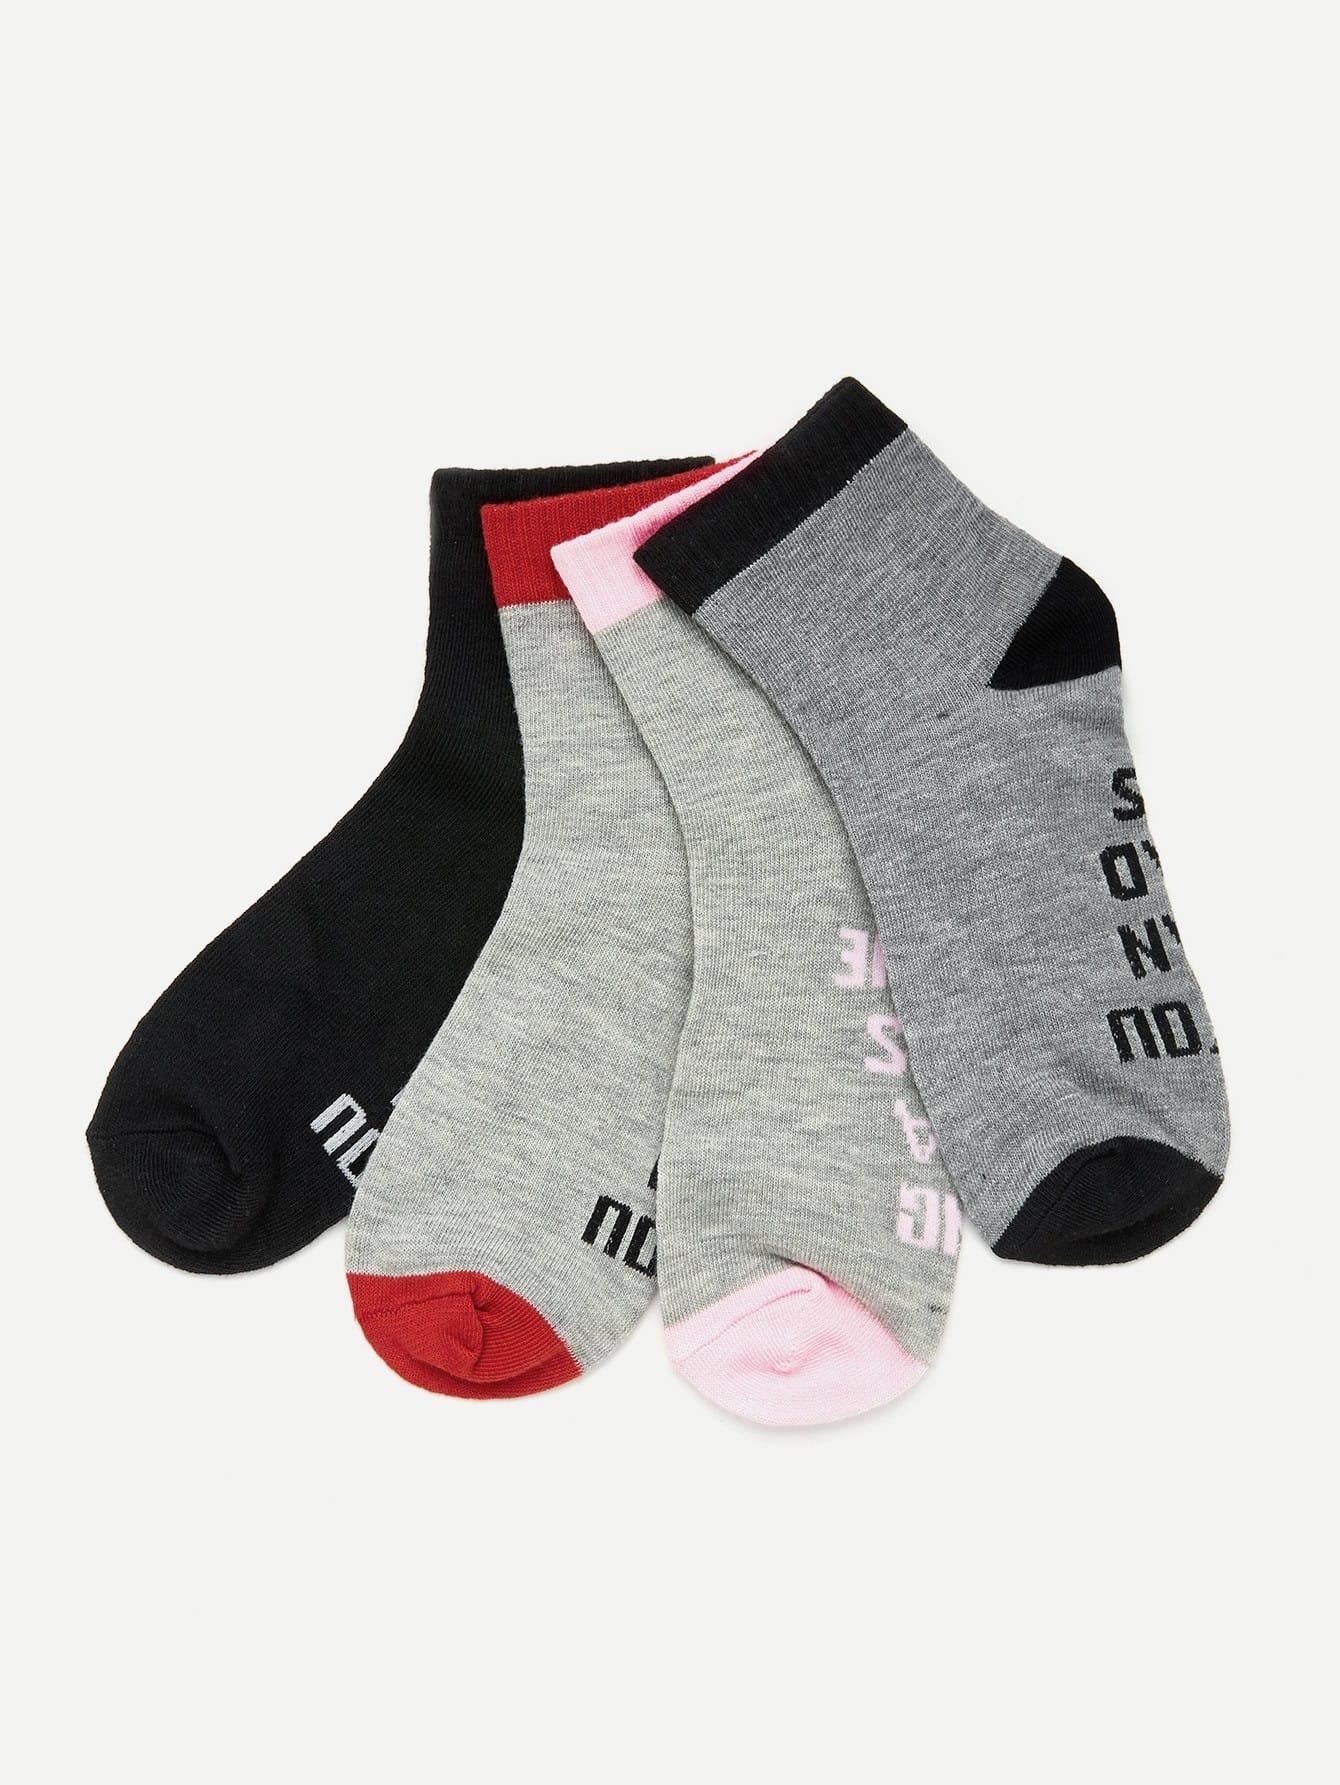 Letter Ankle Socks 4pais